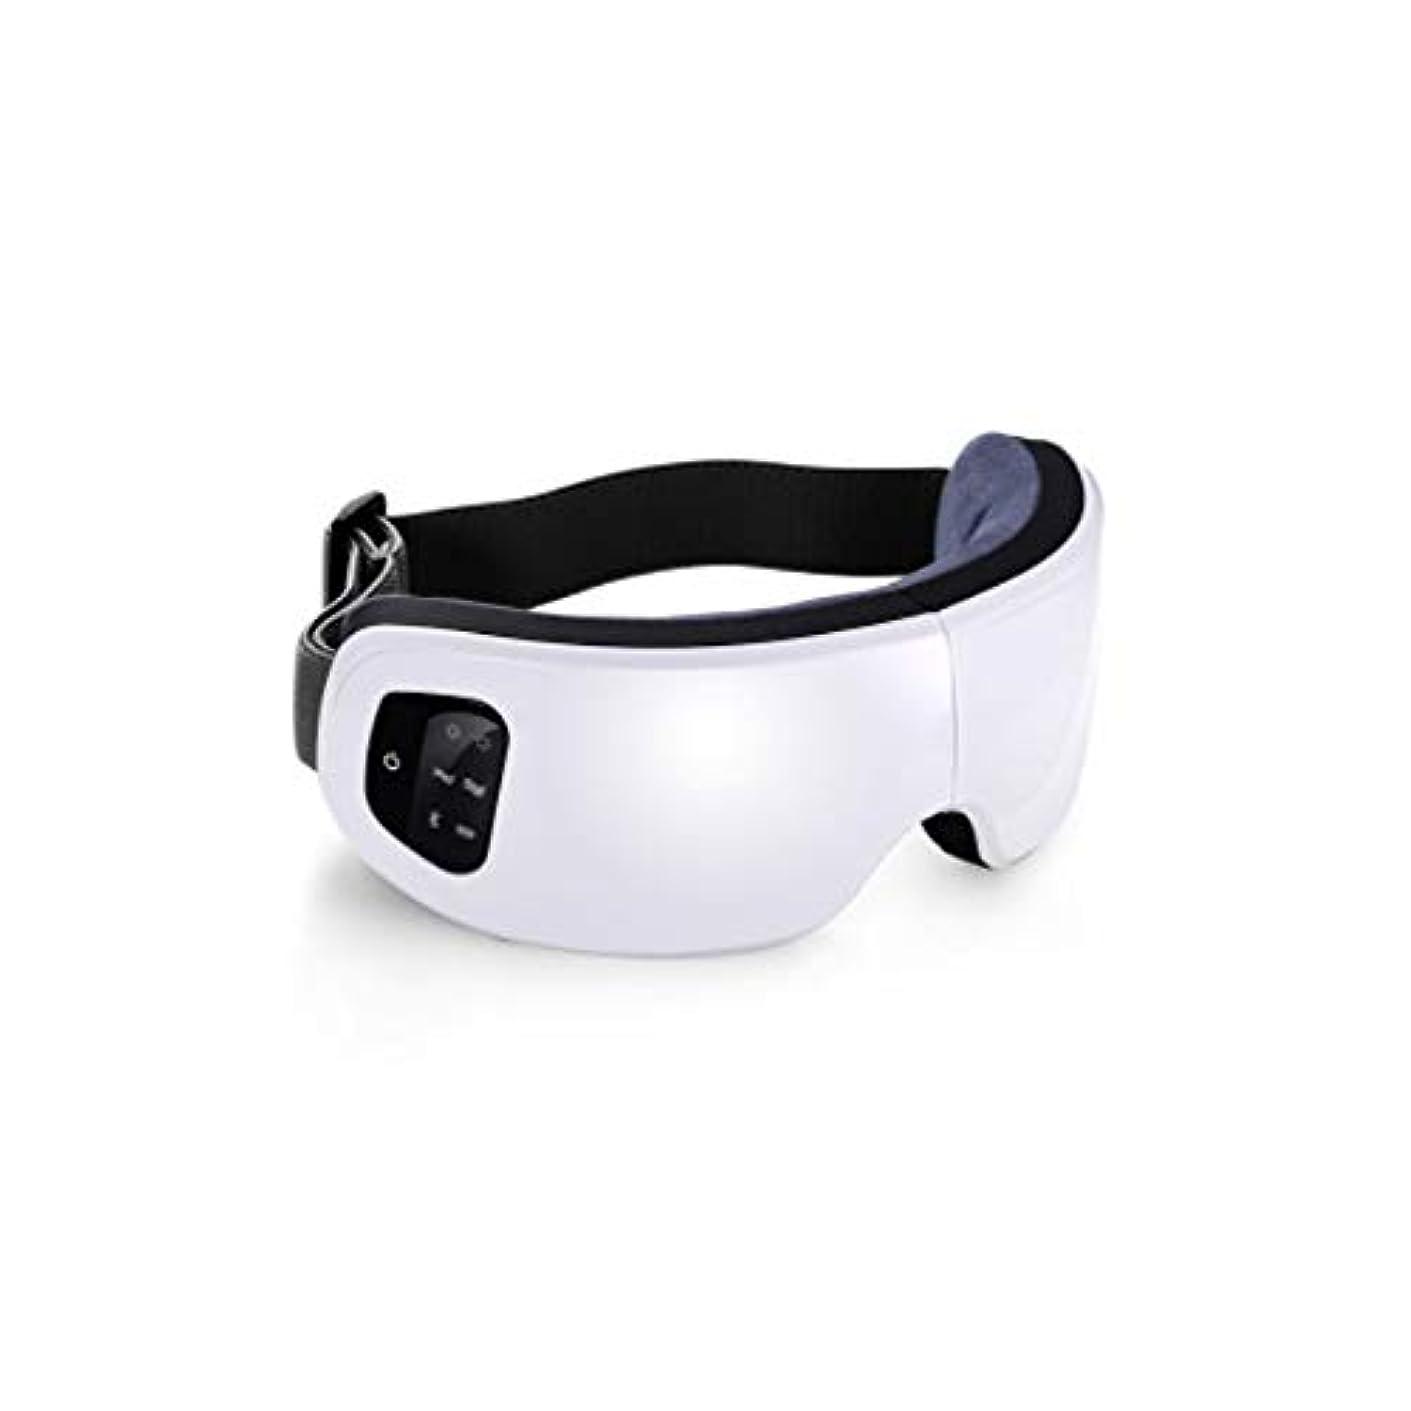 マッサージャー - 圧力温度インテリジェントアイマスクアイマッサージャー (Color : White, Size : 20.5*8*2cm)